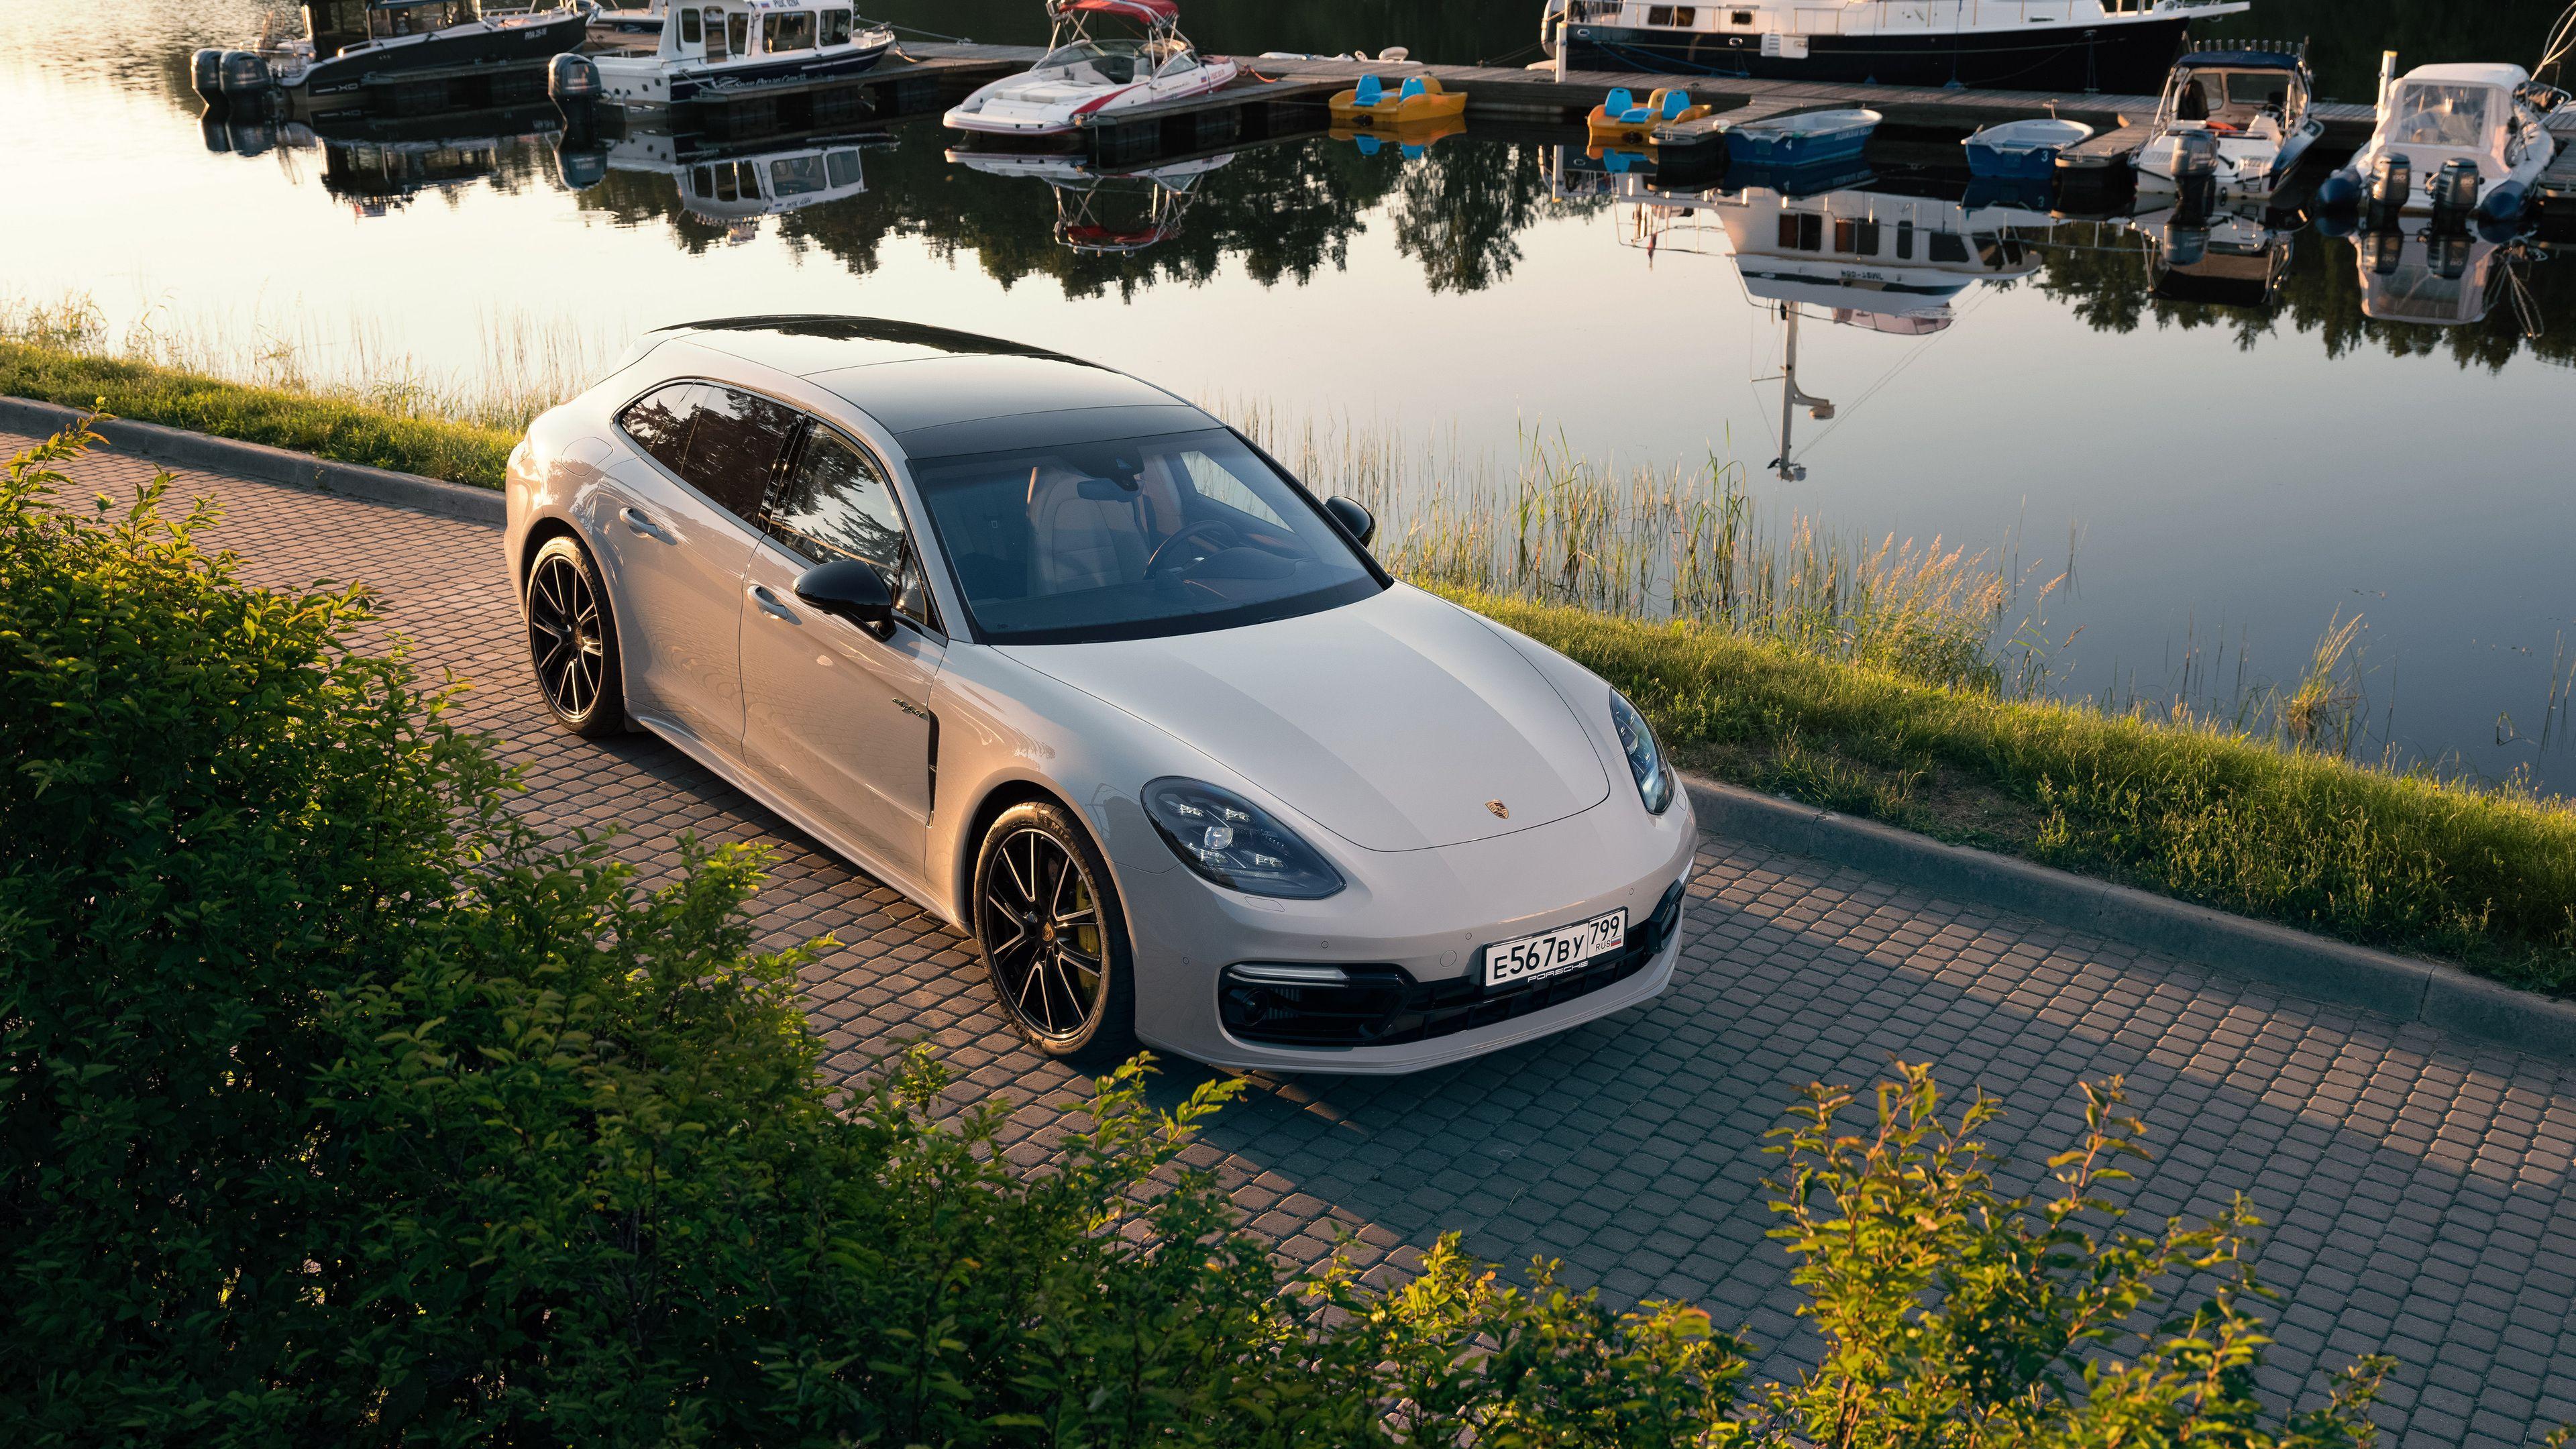 Porsche Panamera Turbo S E Hybrid Sport Turismo 4k Porsche